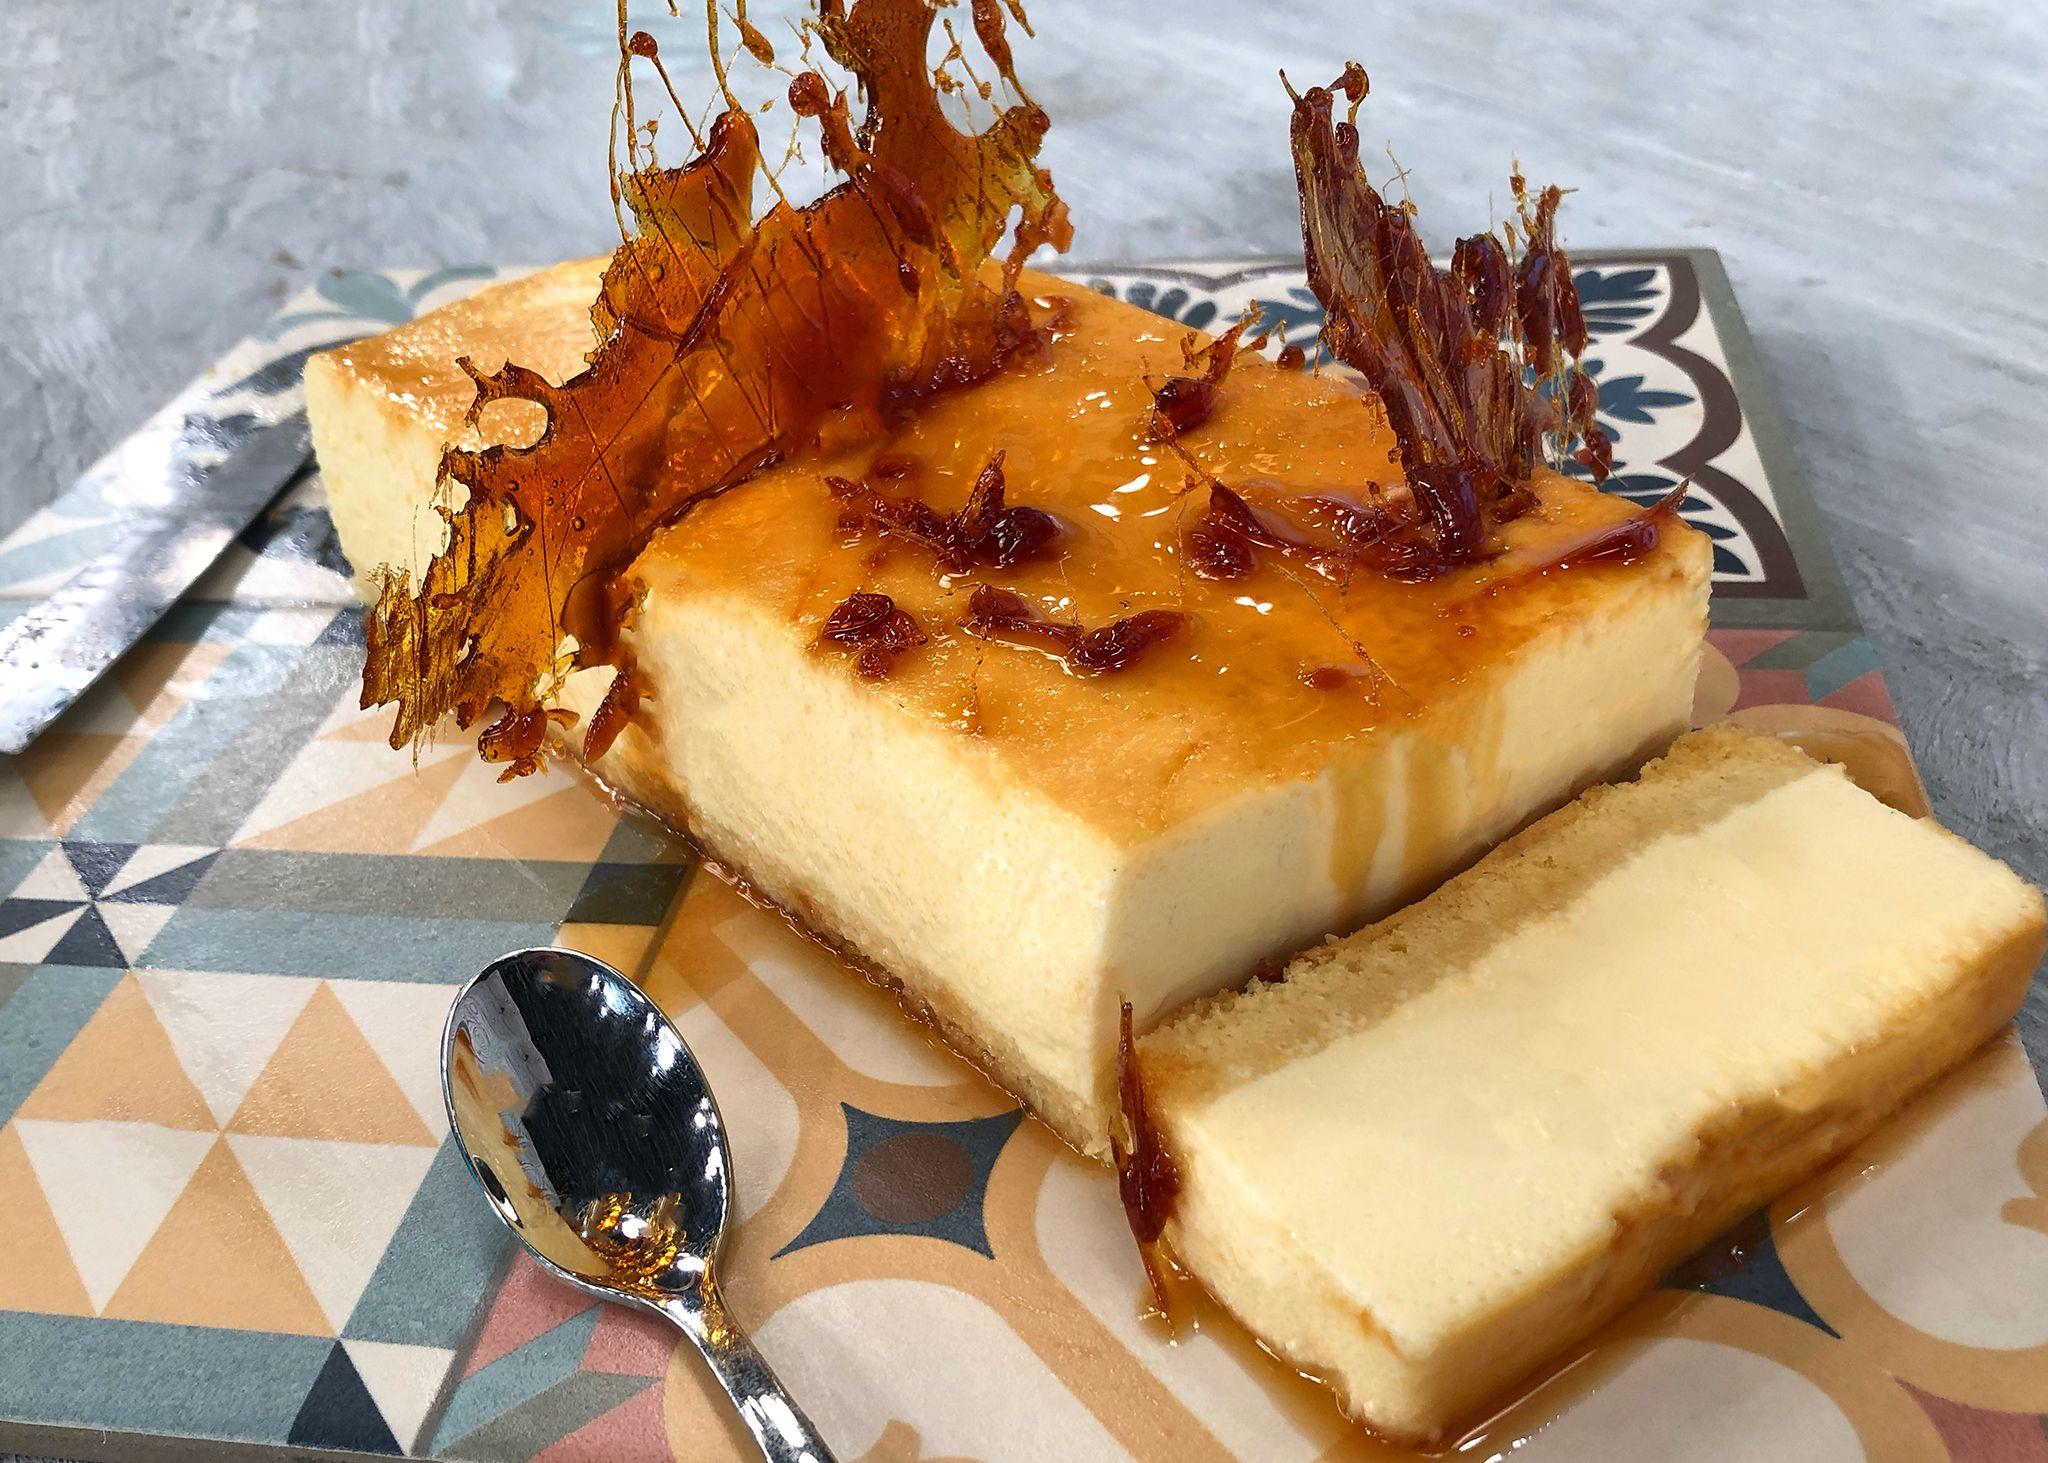 Κρέμα καραμελέ με παντεσπάνι σε φόρμα κέικ   Λάμπρος Βακιάρος